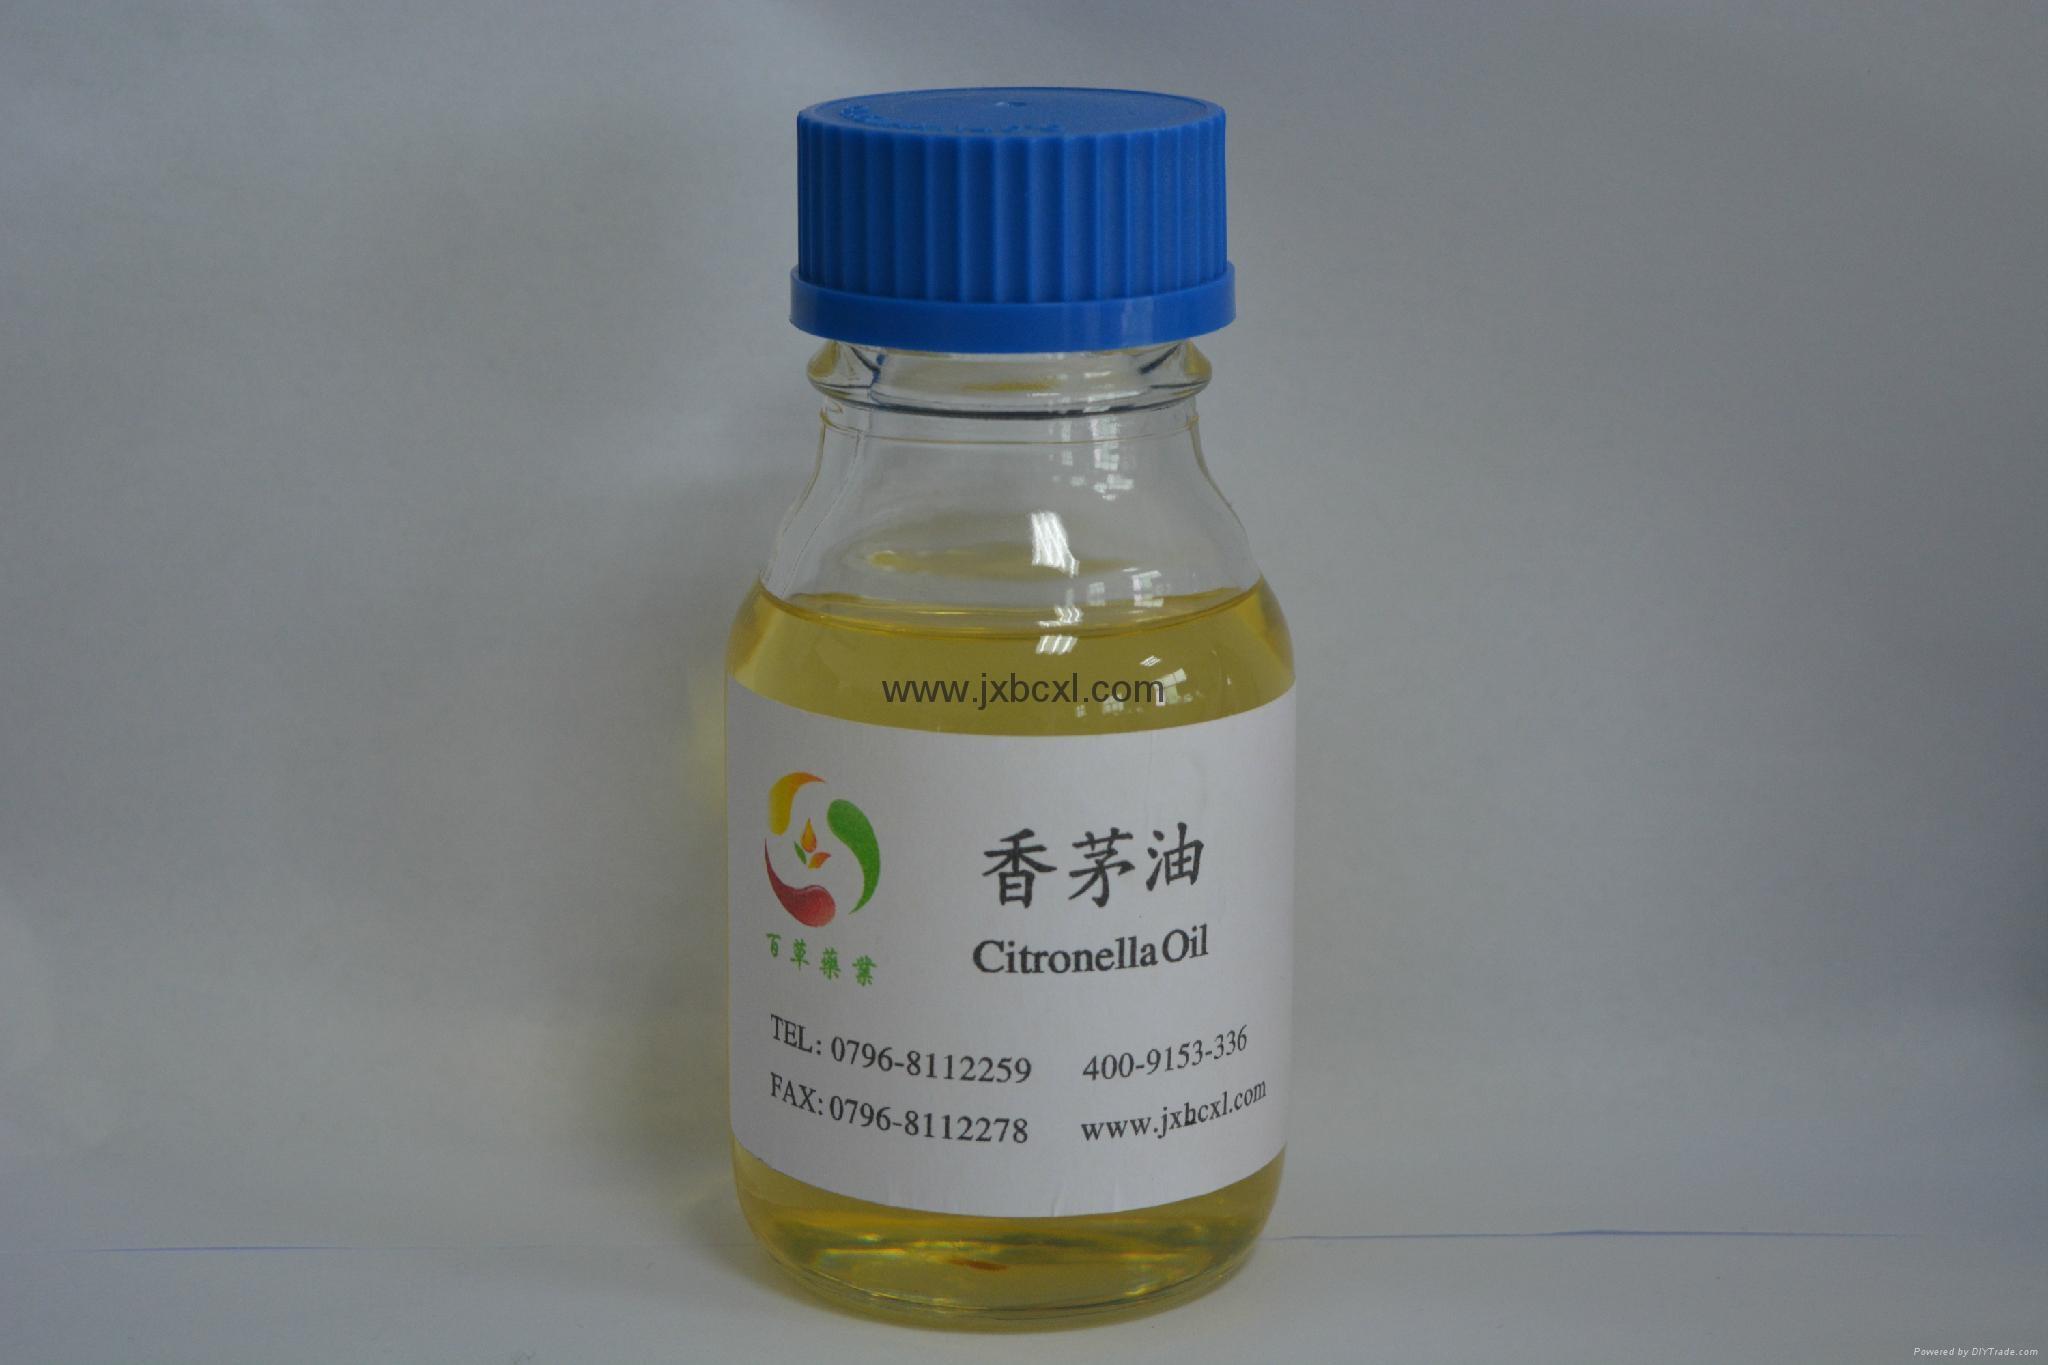 廠家直銷香茅油天然驅蚊  香茅精油香茅草油蠟燭植物精油 3